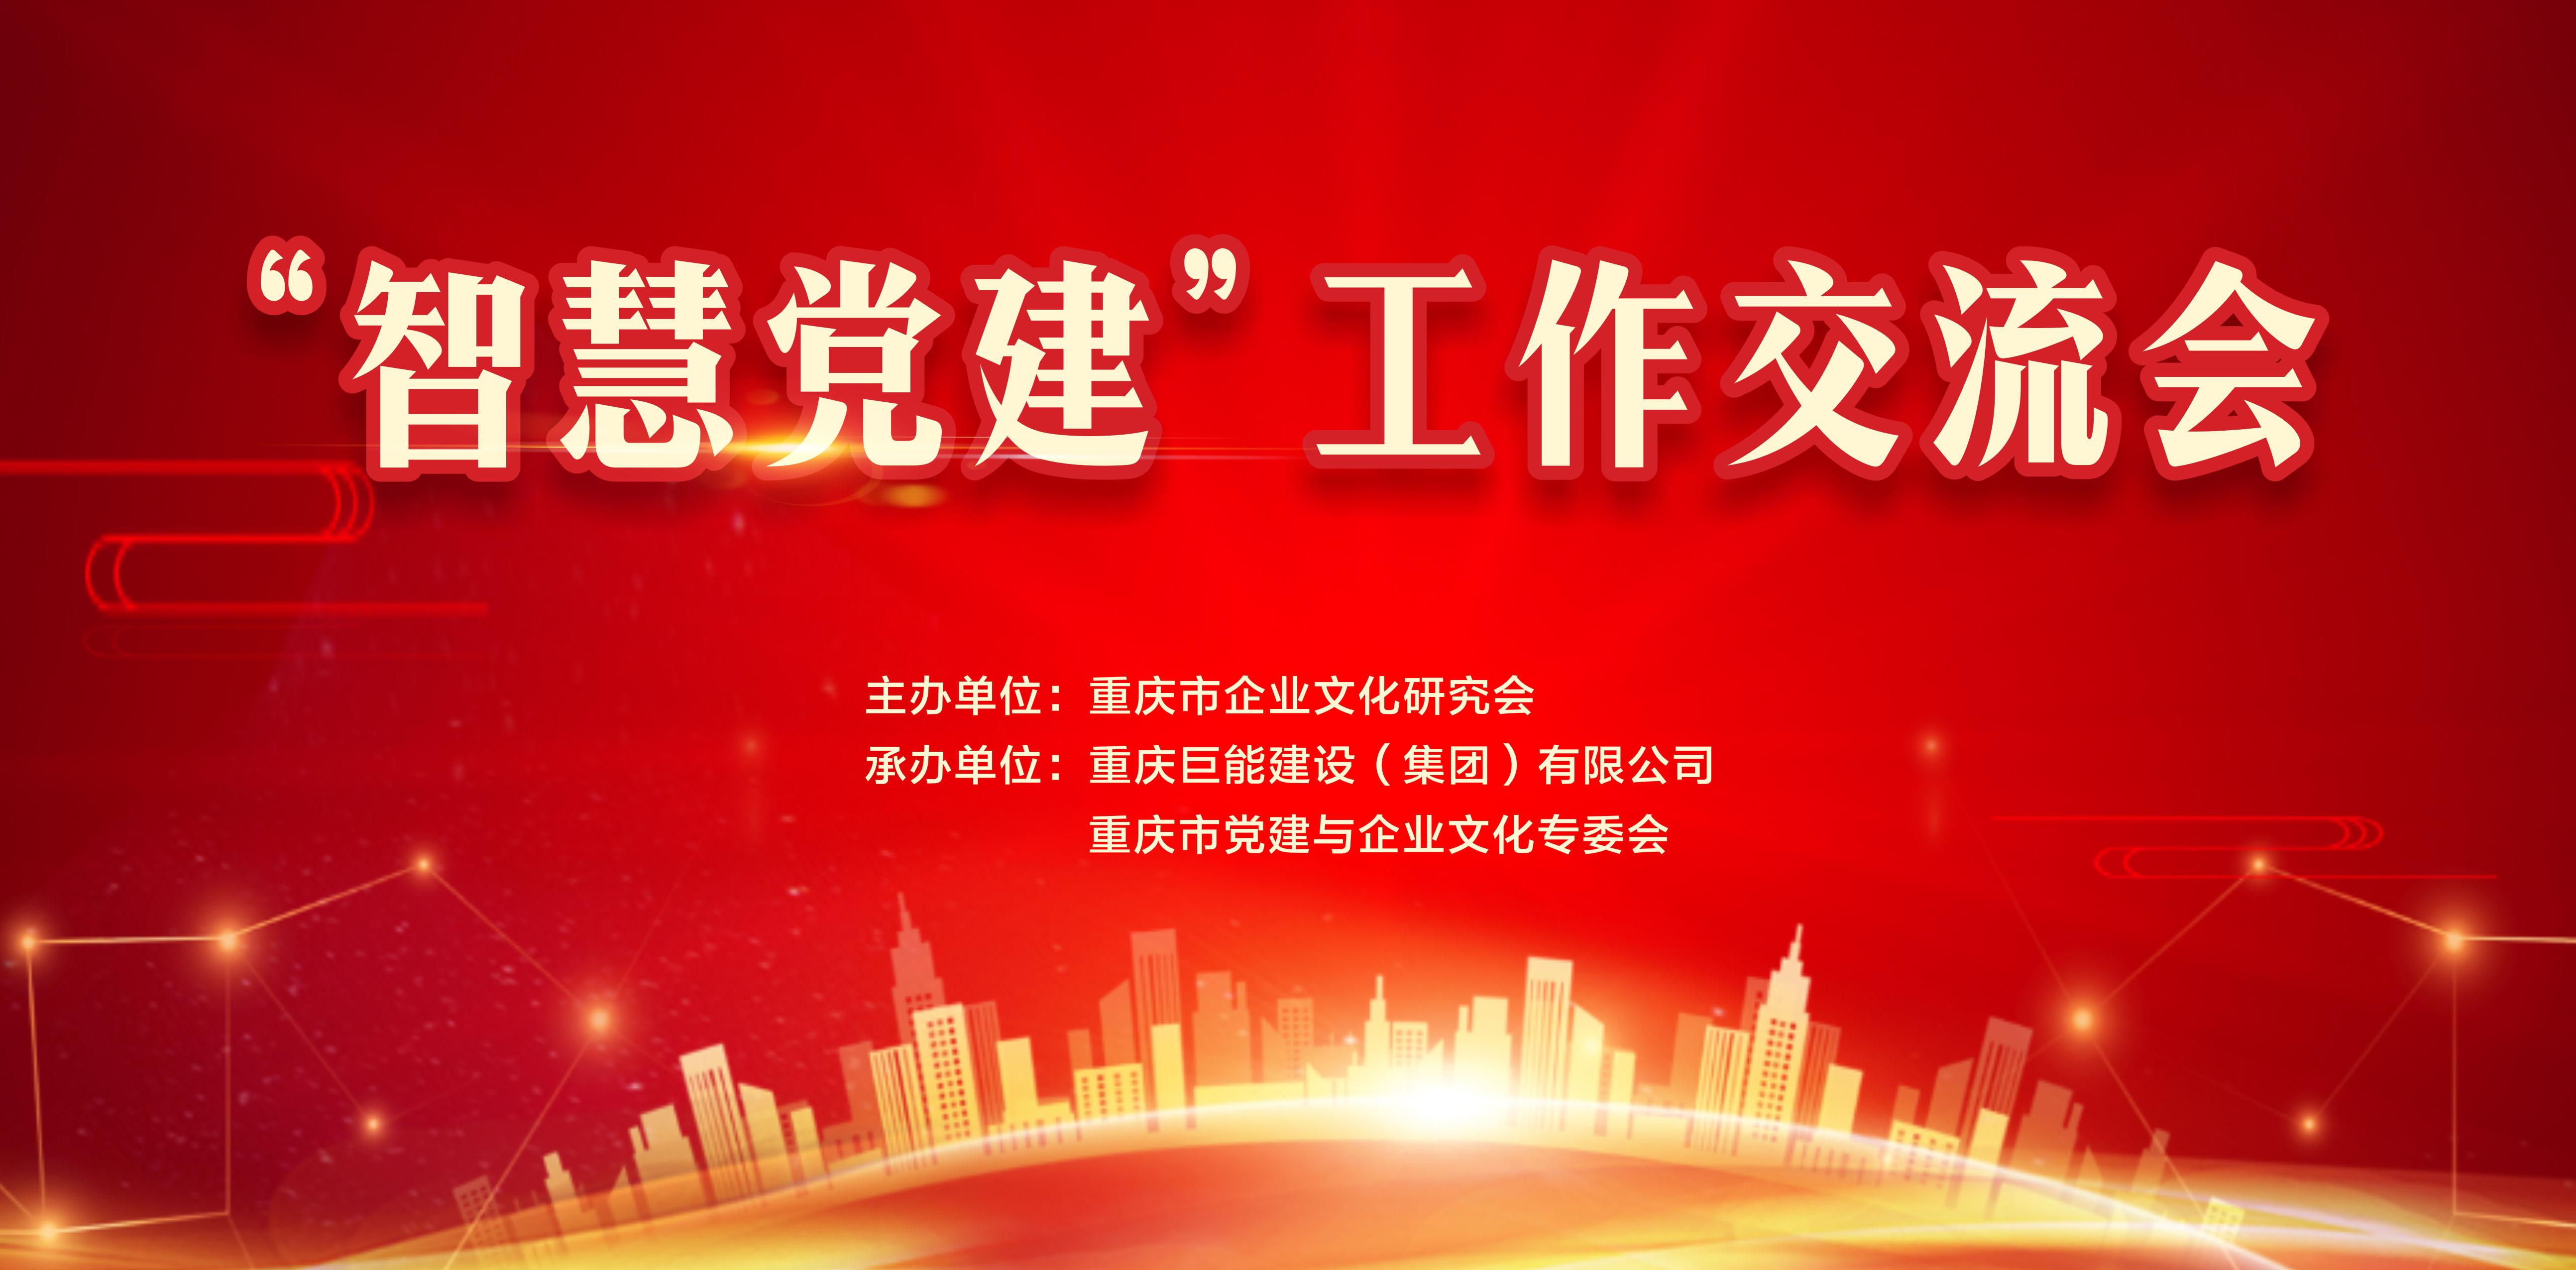 """""""互联共享时代  推进智慧党建""""——2020年重庆市""""智慧党建""""工作交流会成功召开"""